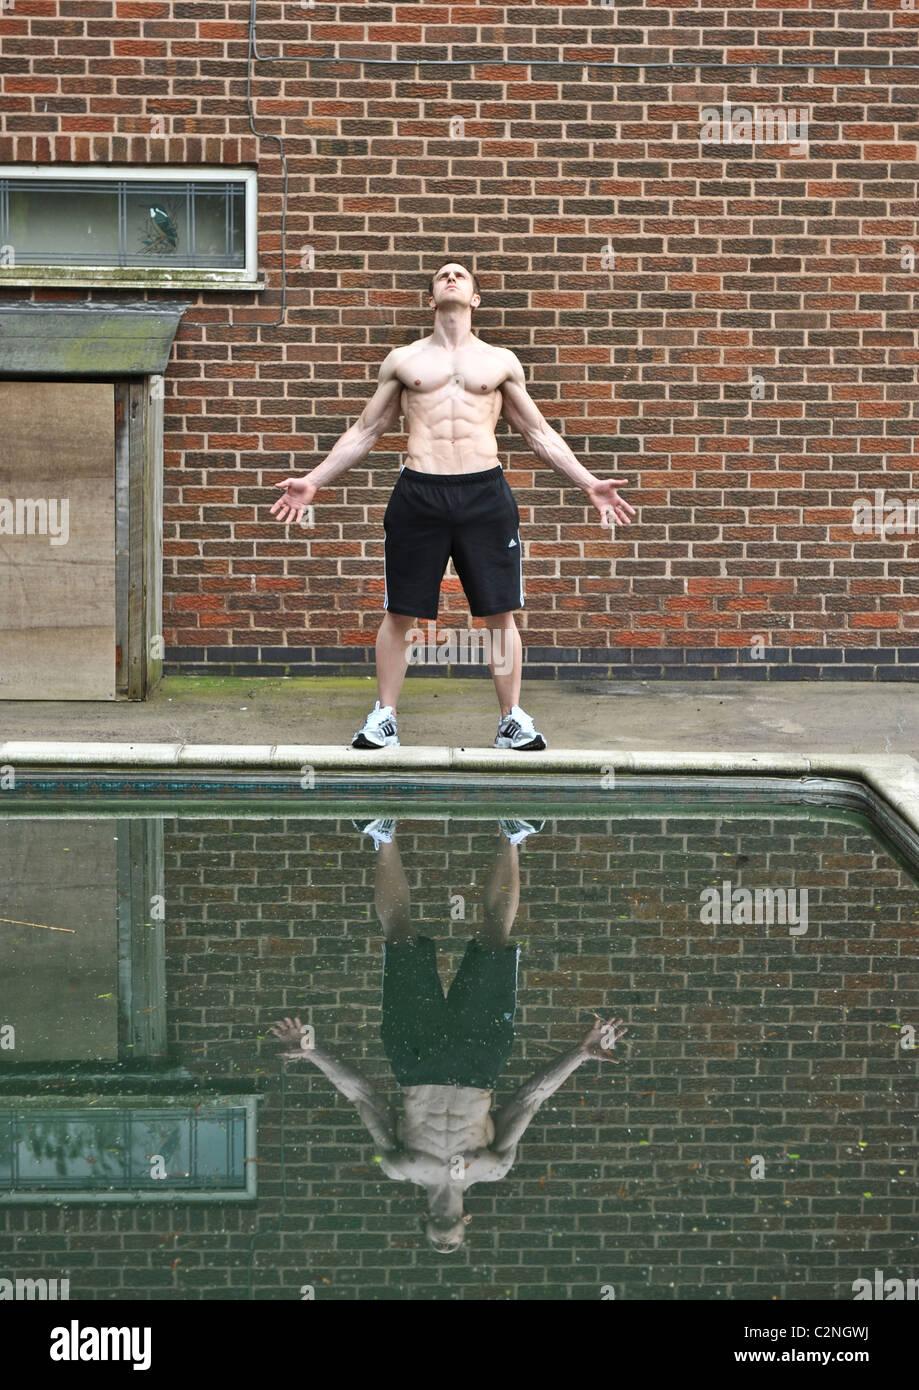 Fuerte atleta profesional haciendo ejercicio, piscina para el culturismo para mejorar el concepto de salud, confianza Imagen De Stock